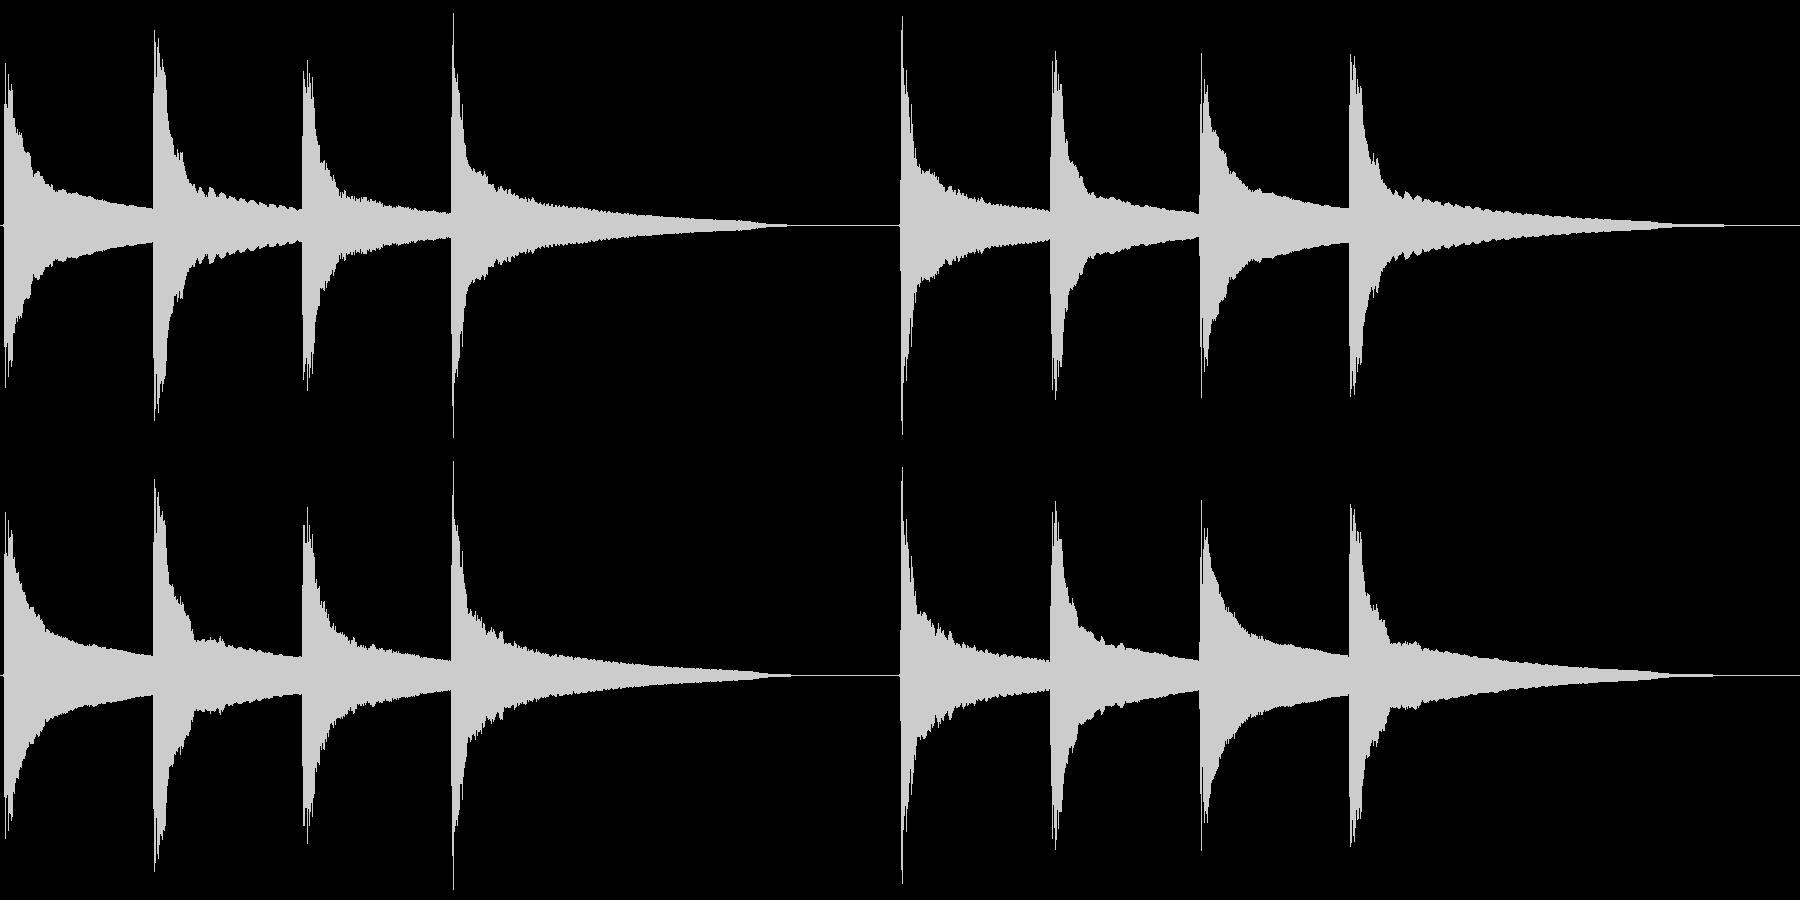 ピンポンパンポン (2) の未再生の波形